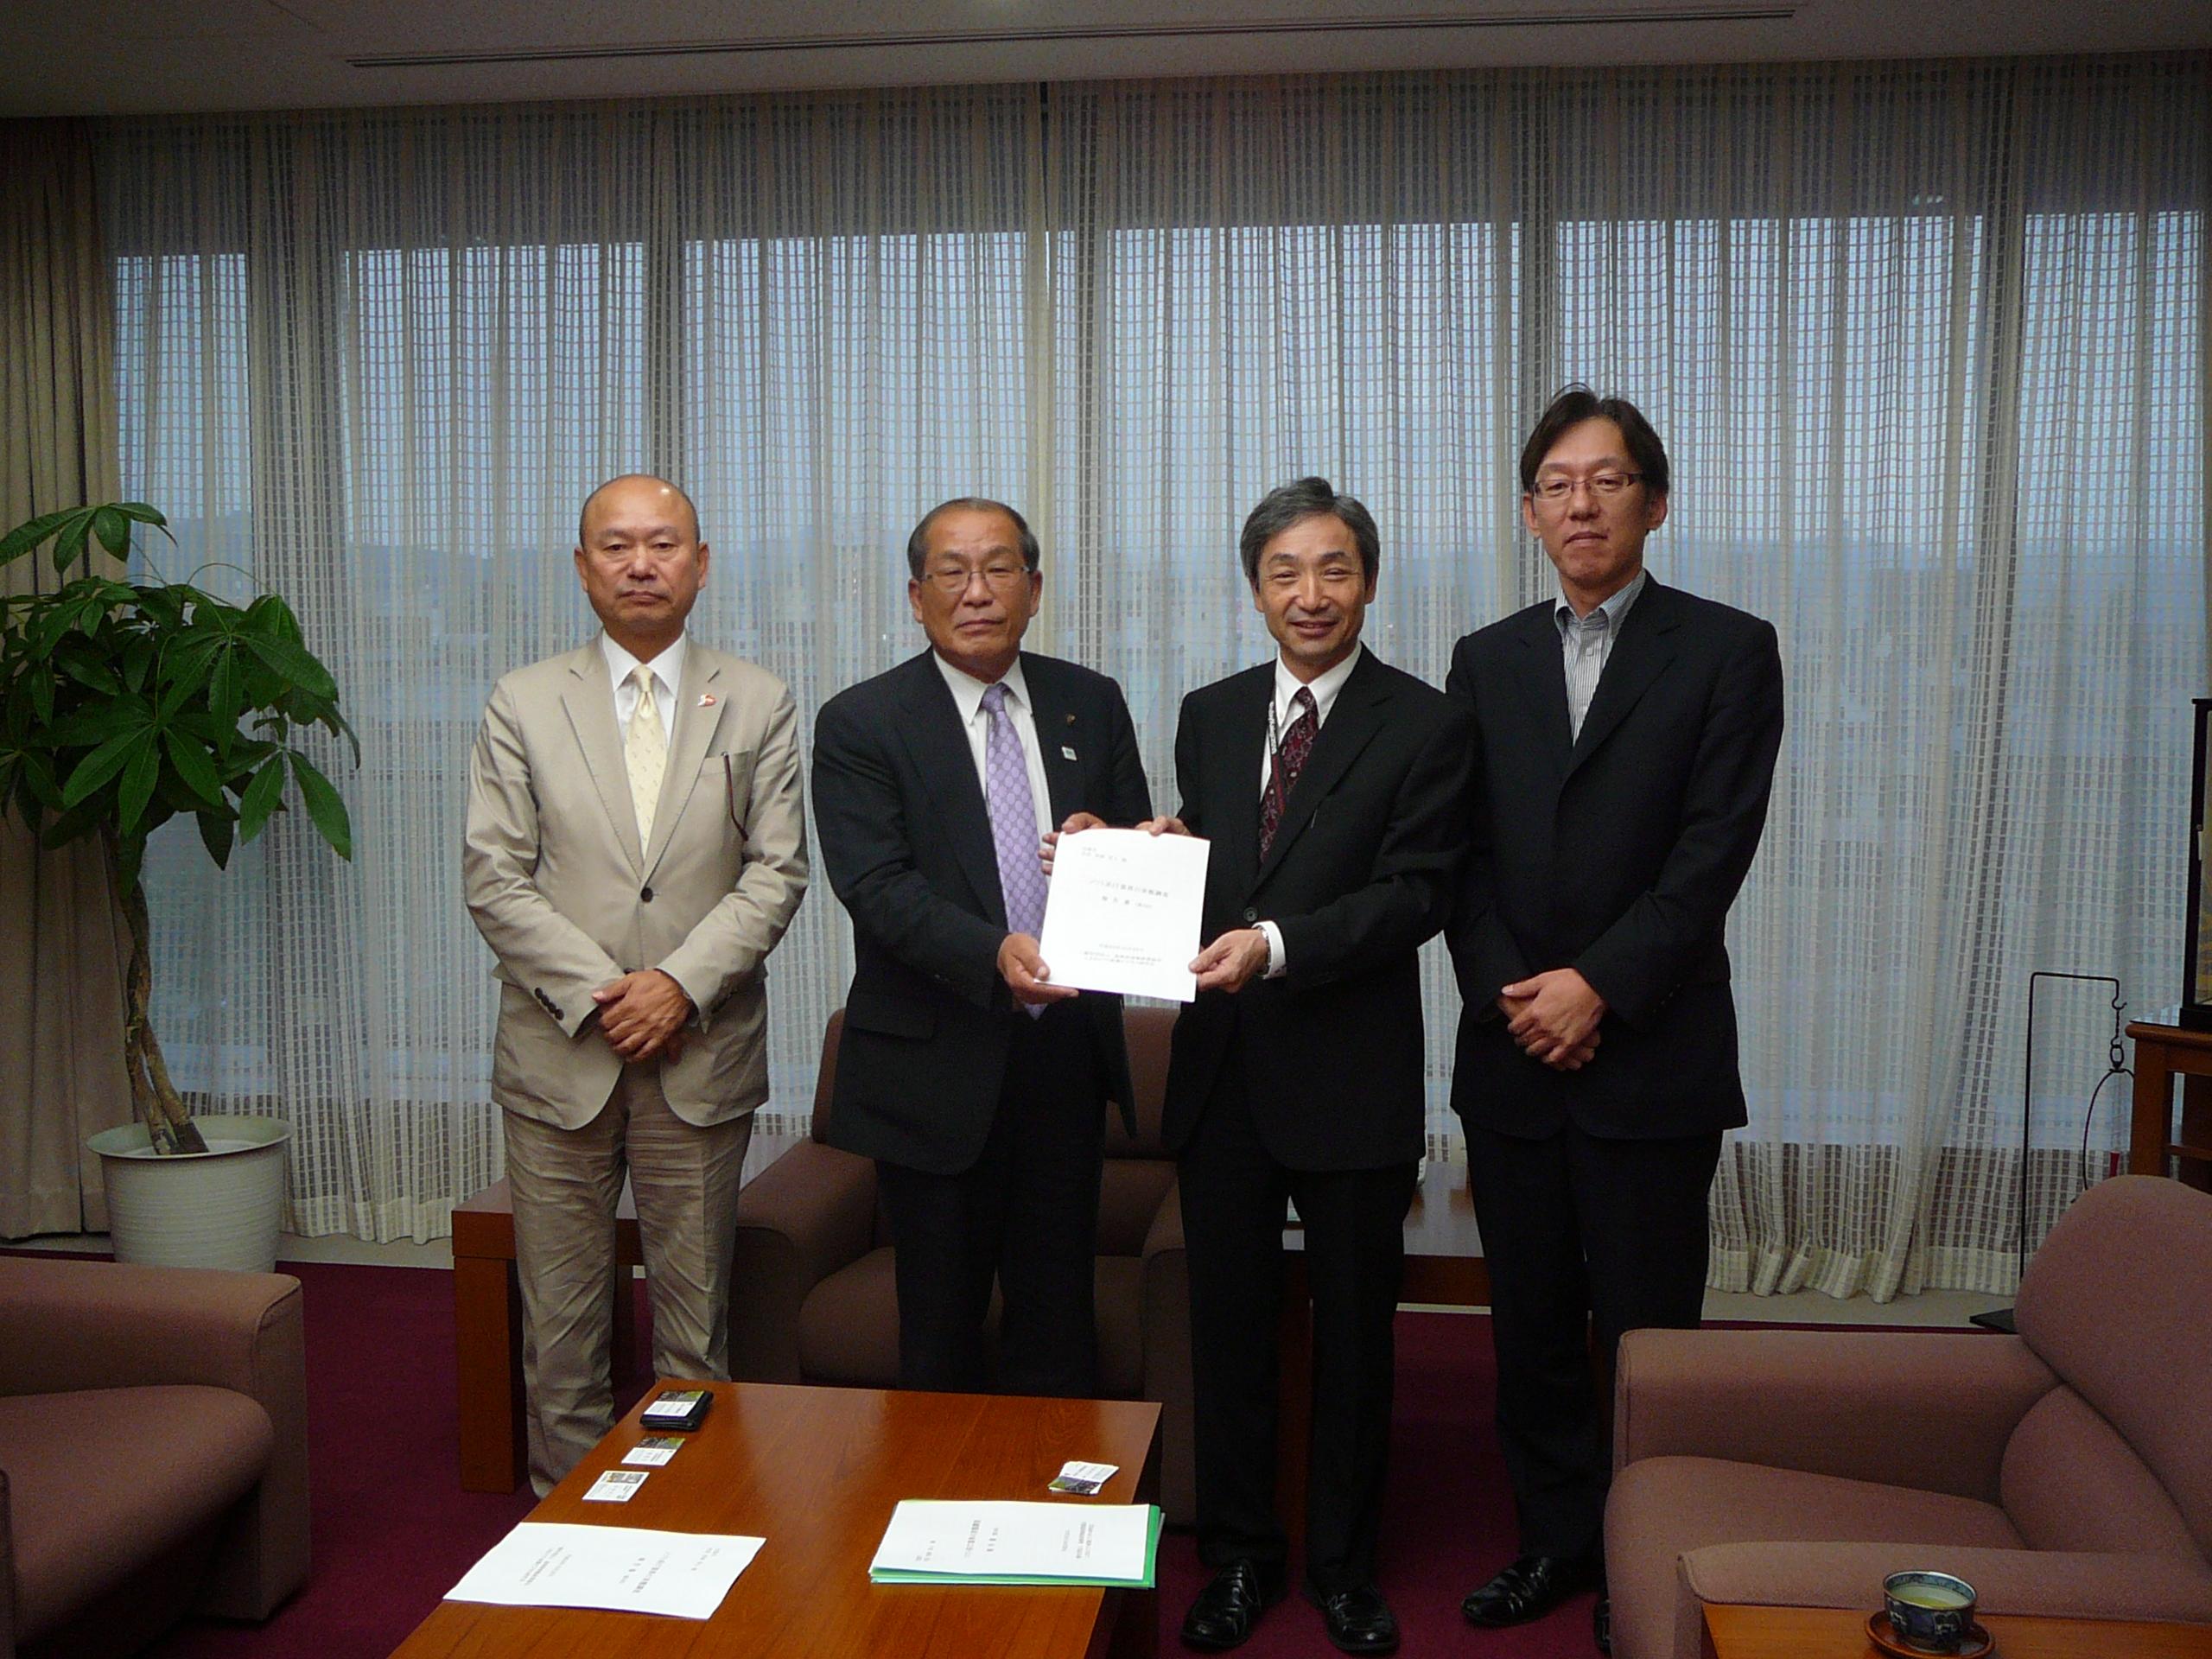 報告の様子               石碕副会長、長岡市長、吉岡会長、北村監事